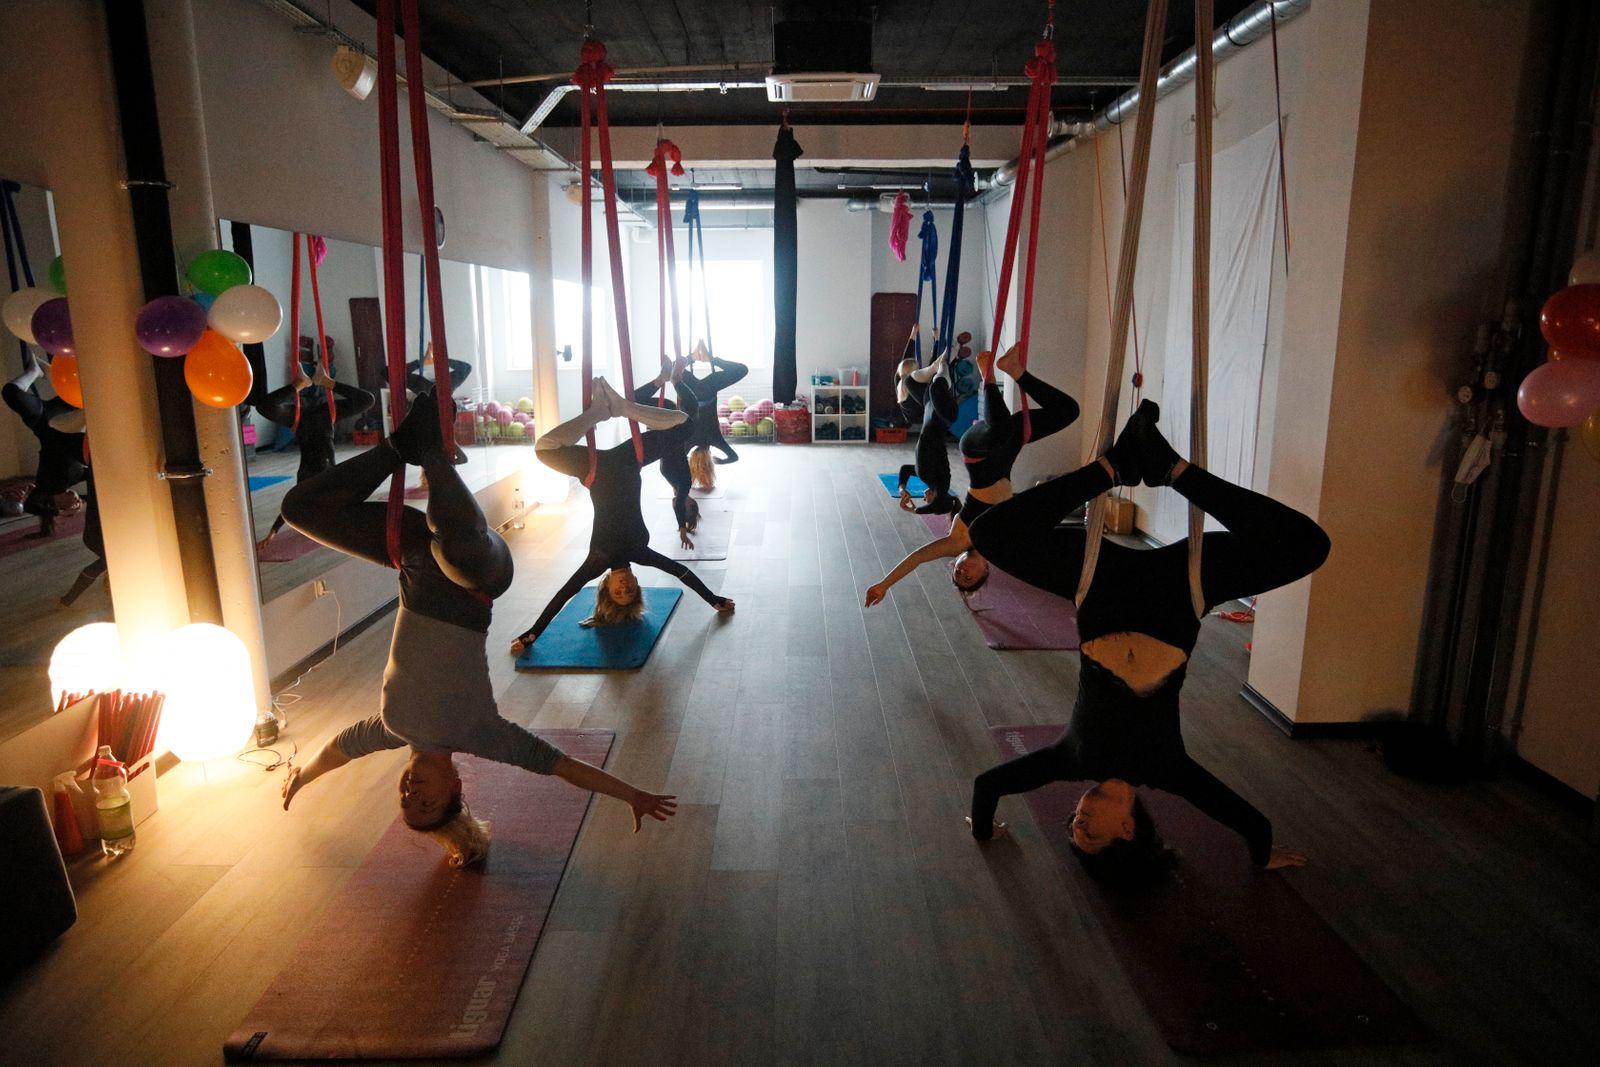 Salon fitness ?Fitness for Ladies? otwarty pomimo narodowego lockdownu podczas pandemii koronawirusa